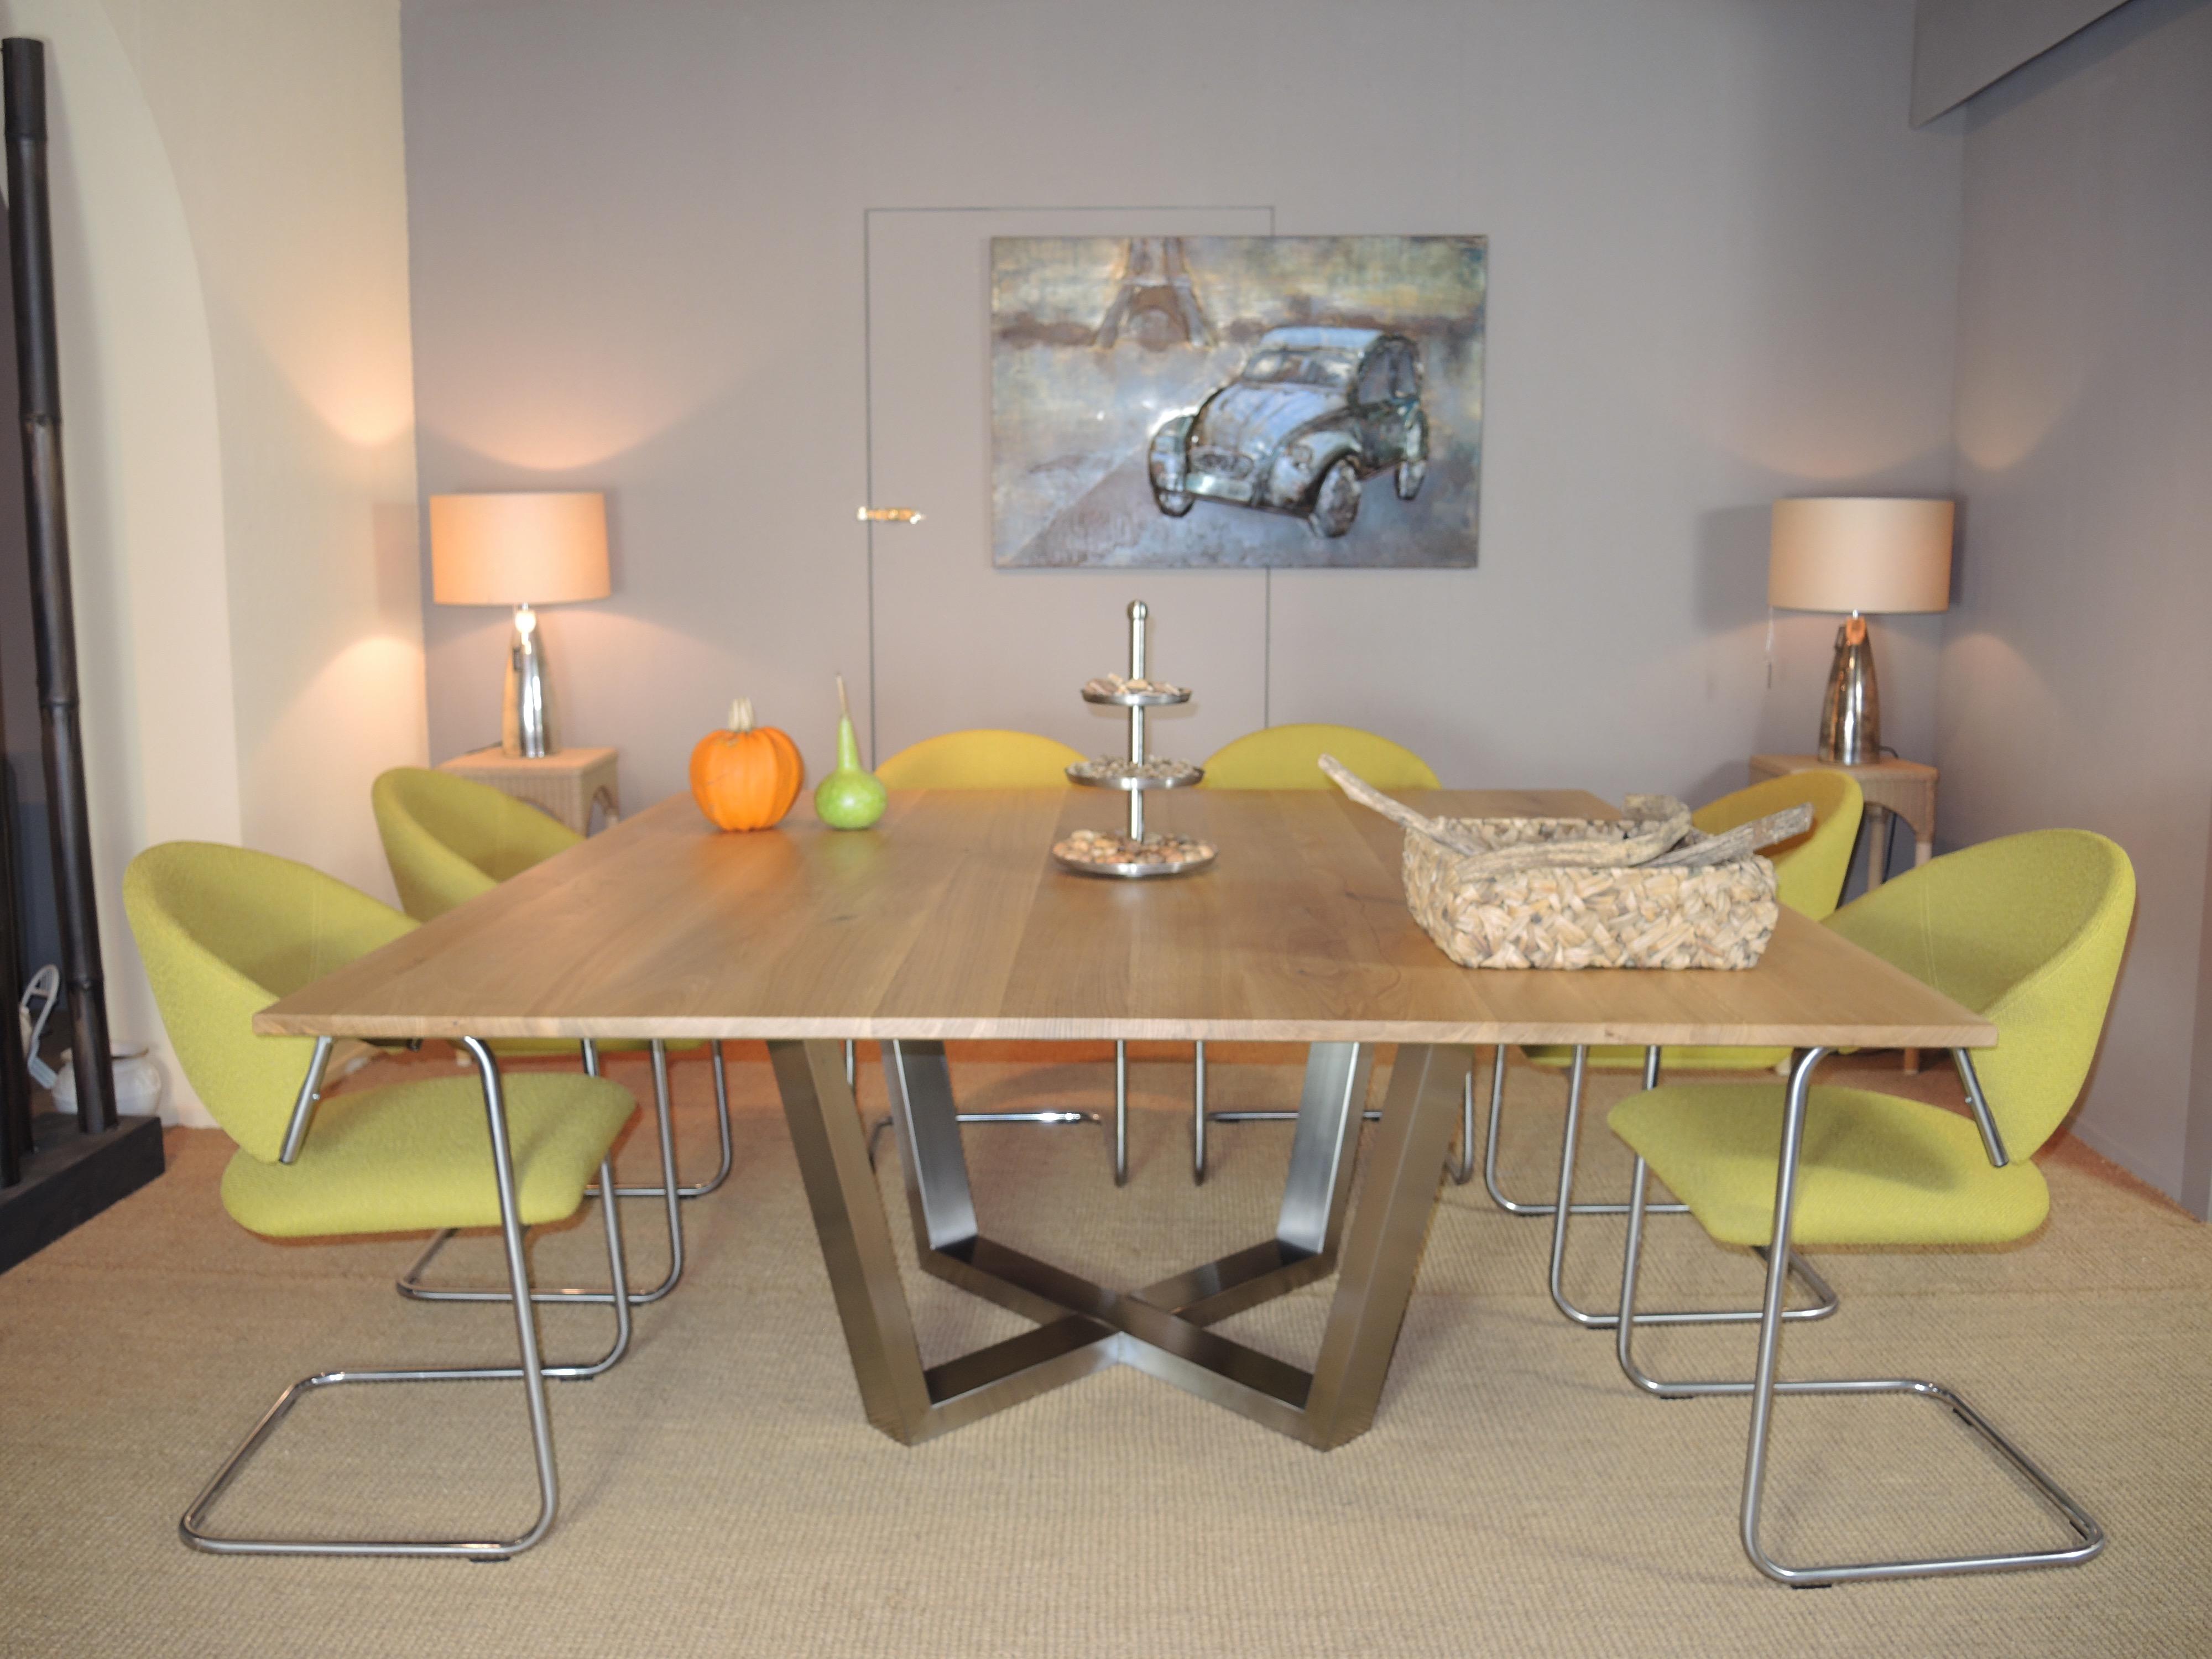 Hampton vierkante tafel